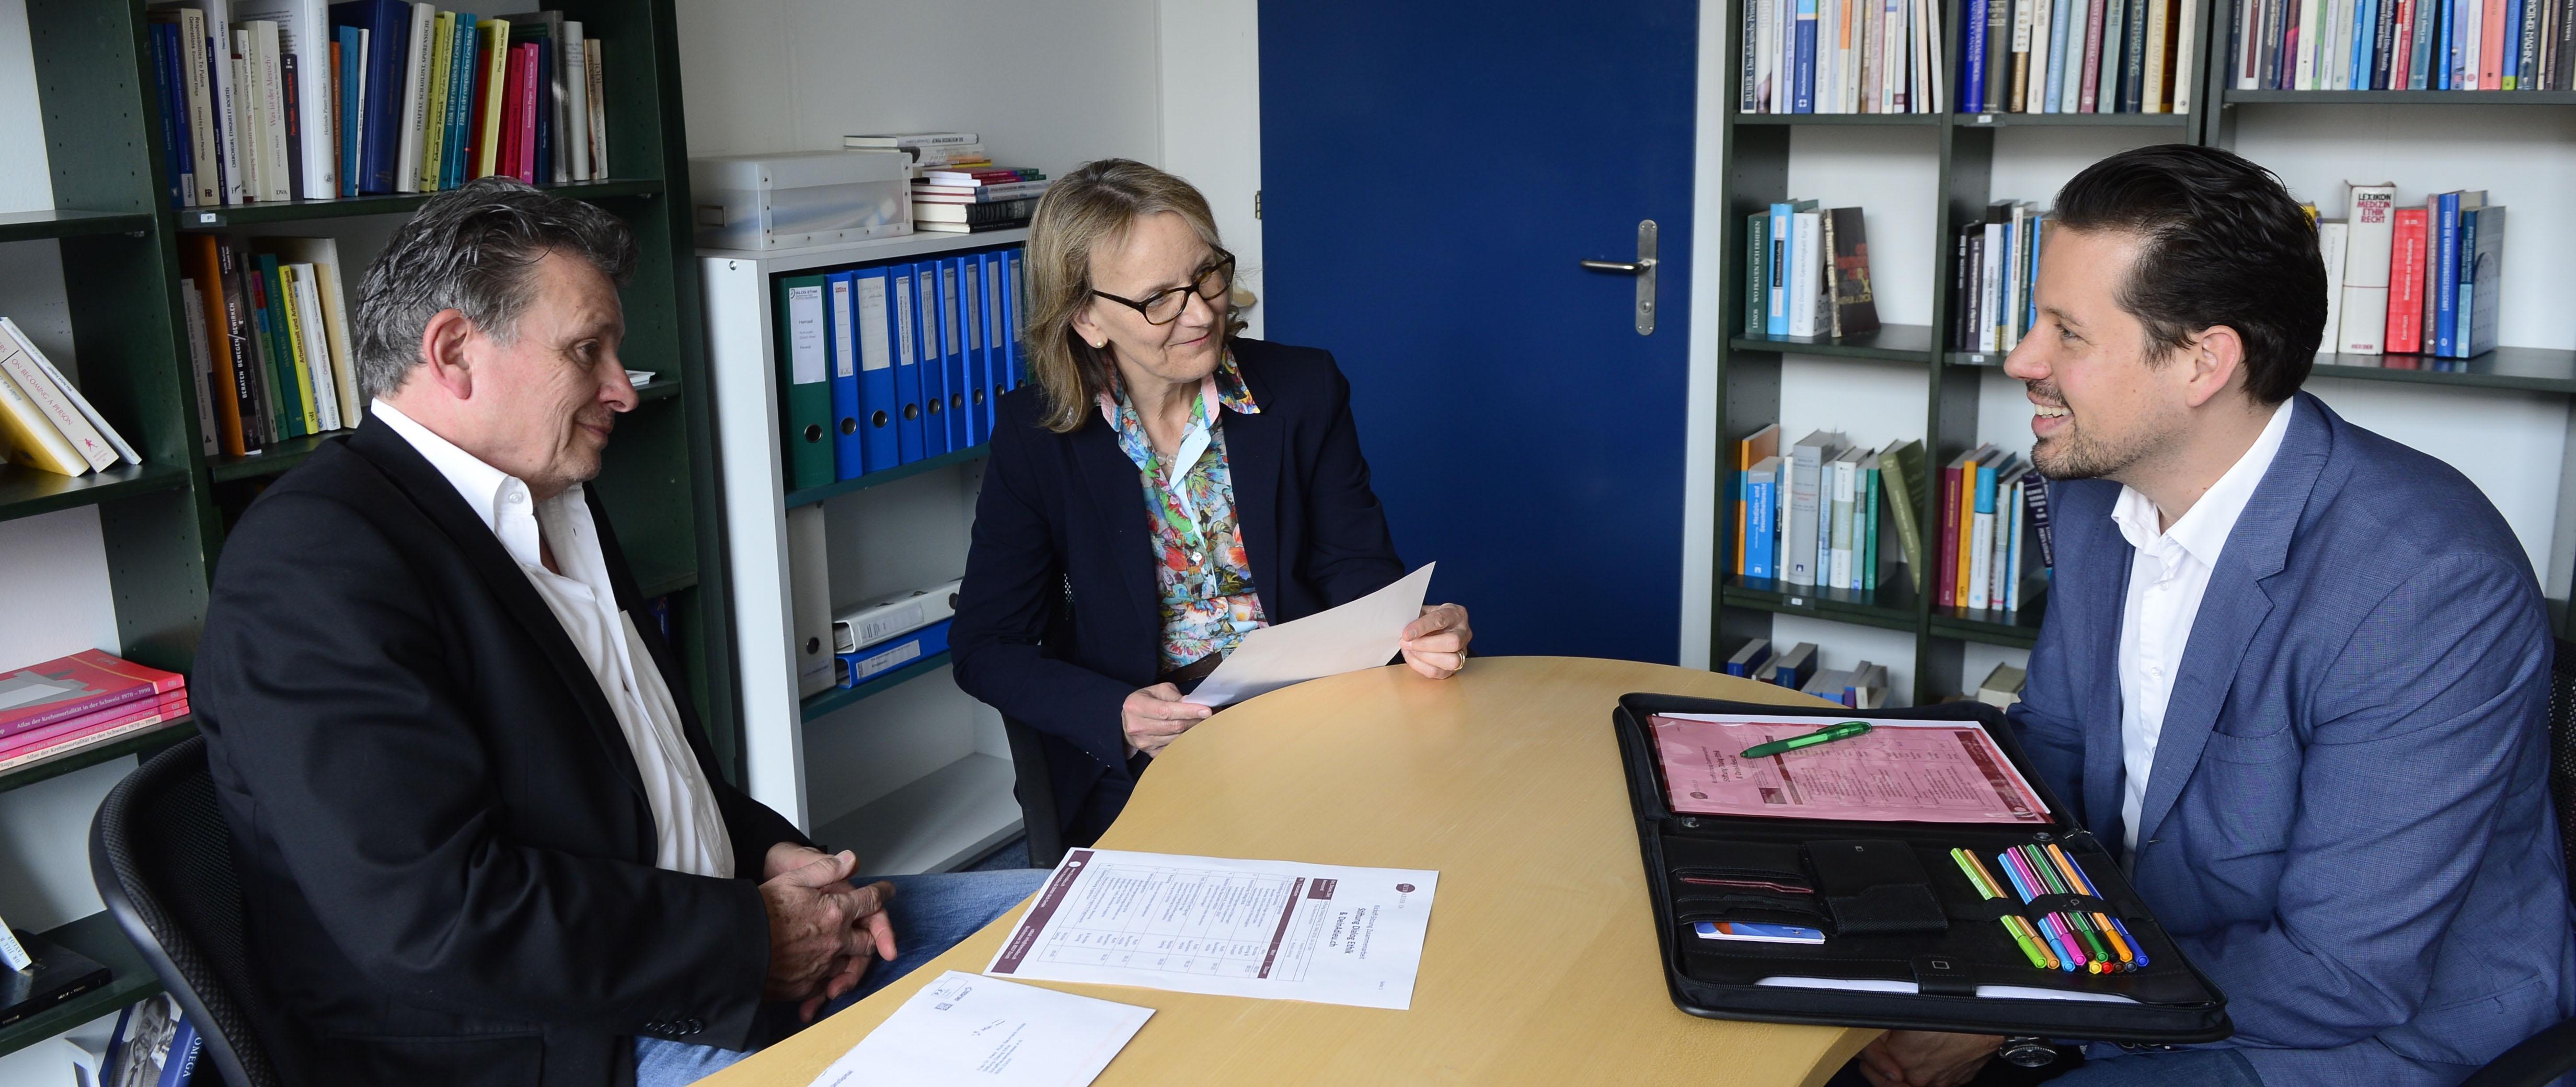 Interview im Büro von Dialog Ethik in Zürich. Nicolas Gehrig, CEO DeinAdieu und Martin Schuppli, Autor, unterhalten sich mit Ruth Baumann Hölzle, Theologin und Leiterin von Dialog Ethik.